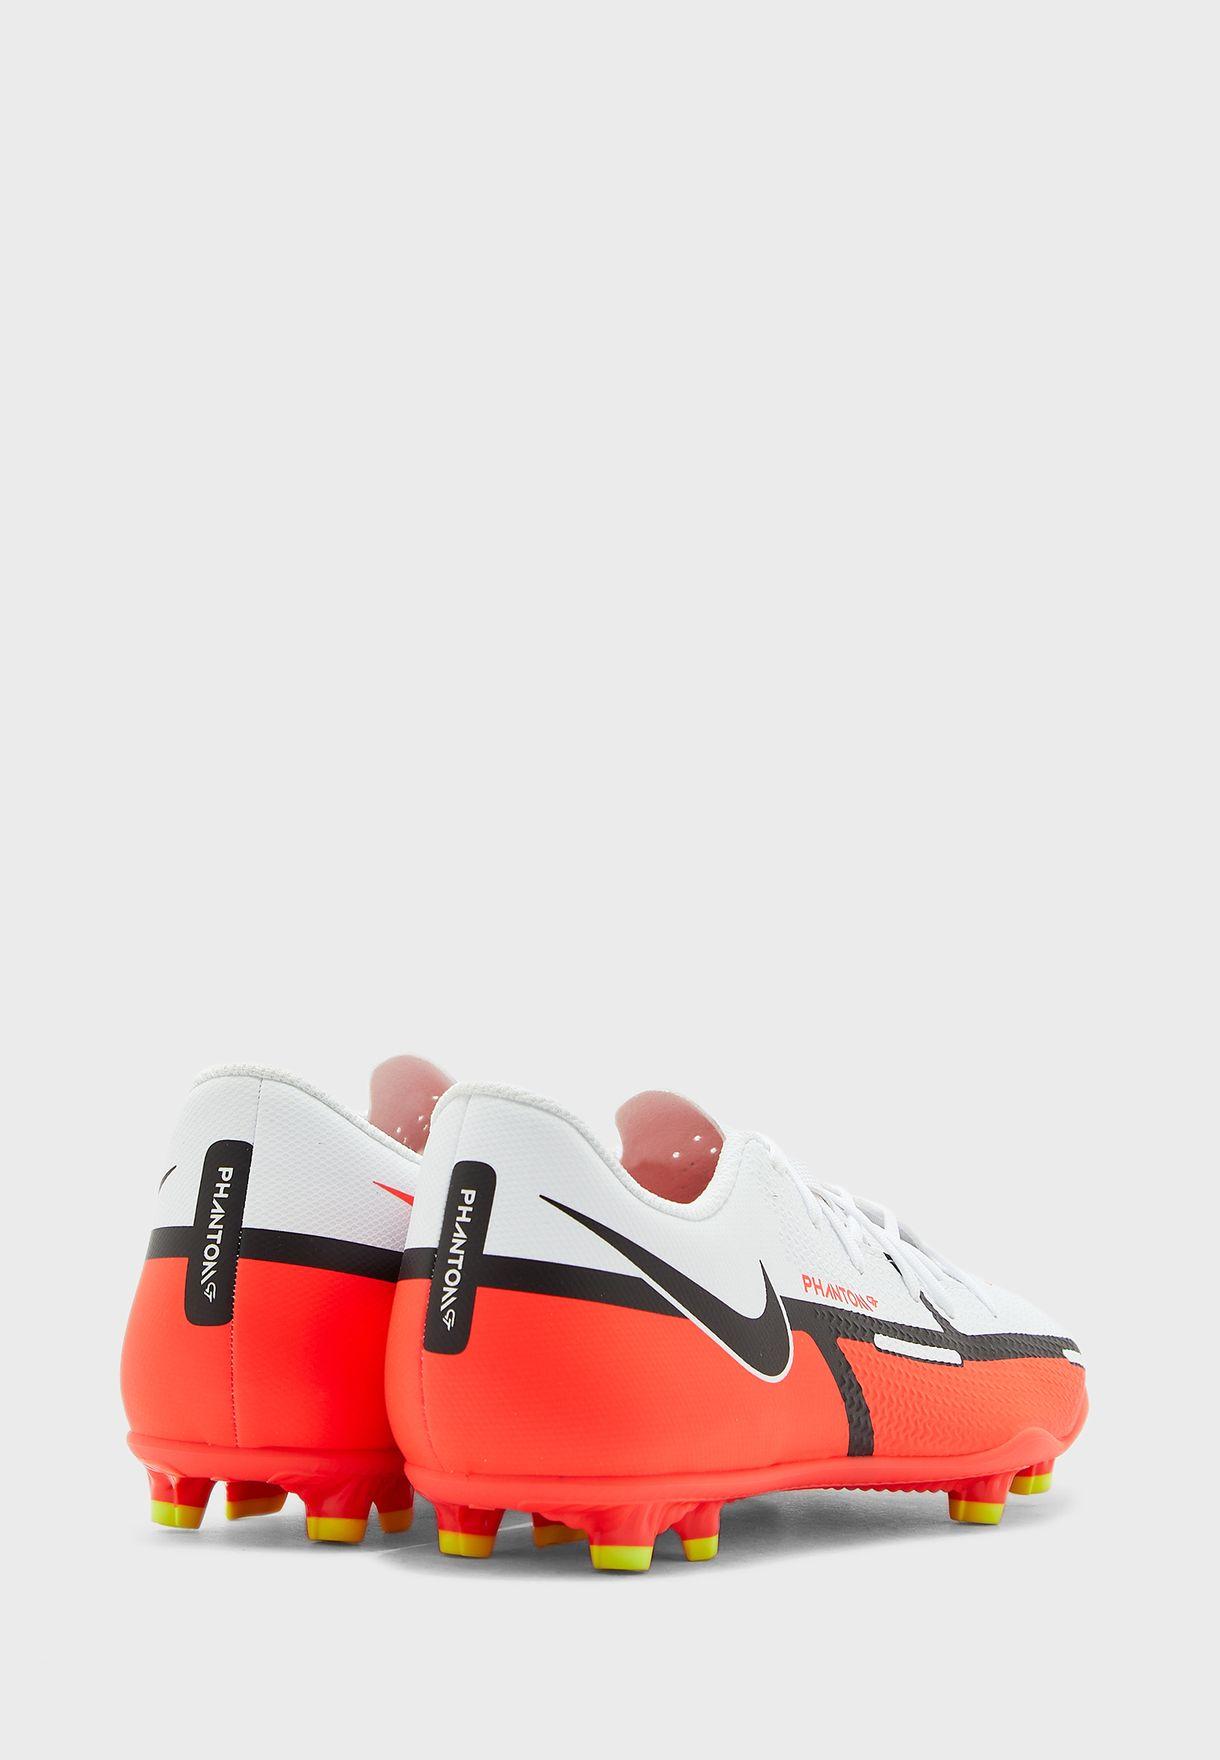 حذاء فانتوم جي تي 2 كلوب اف اف جي/ام جي